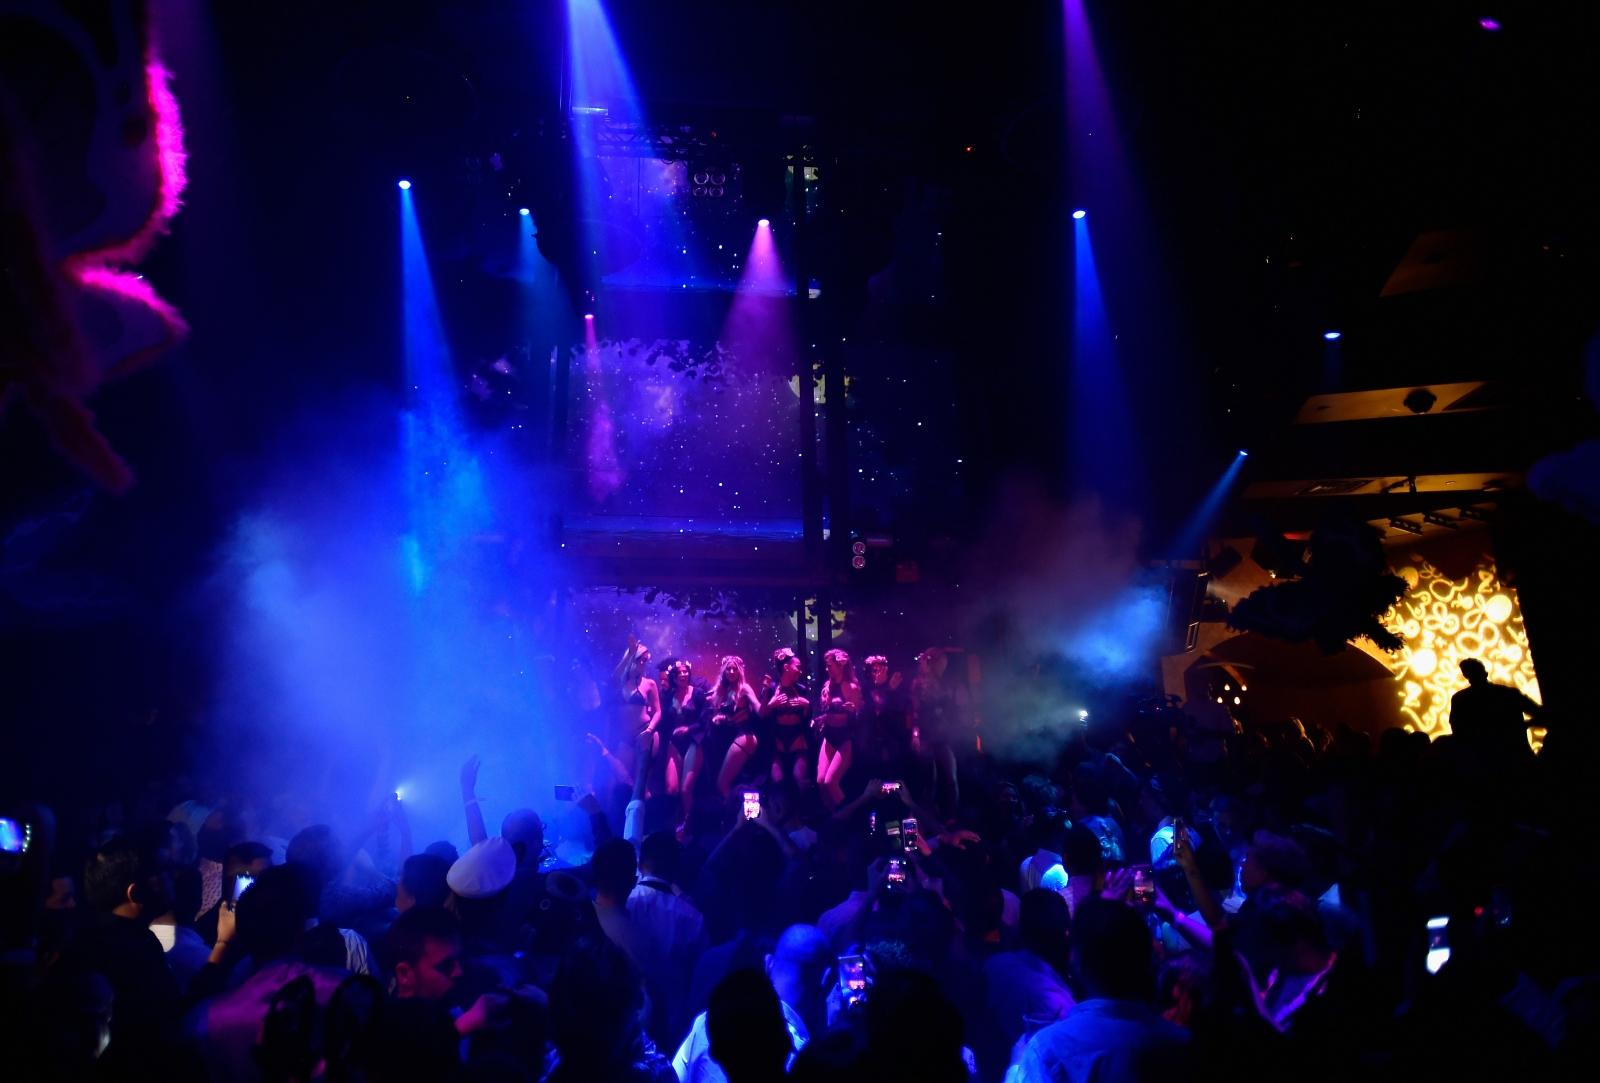 Gay night club